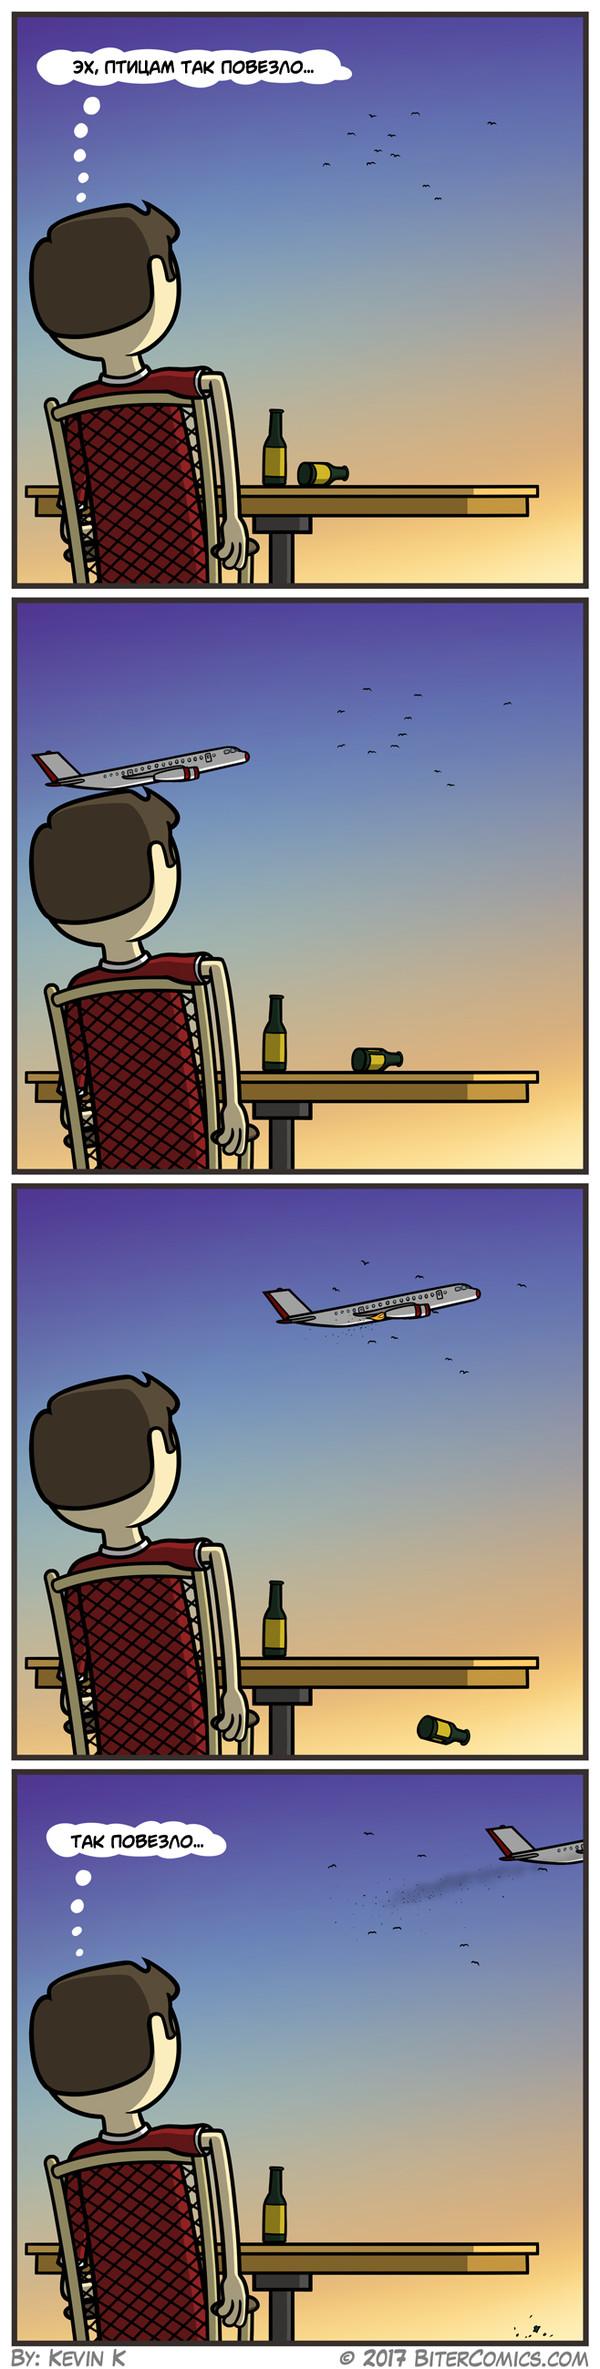 Птицам повезло комиксы, птицы, самолет, Bitercomics, длиннопост